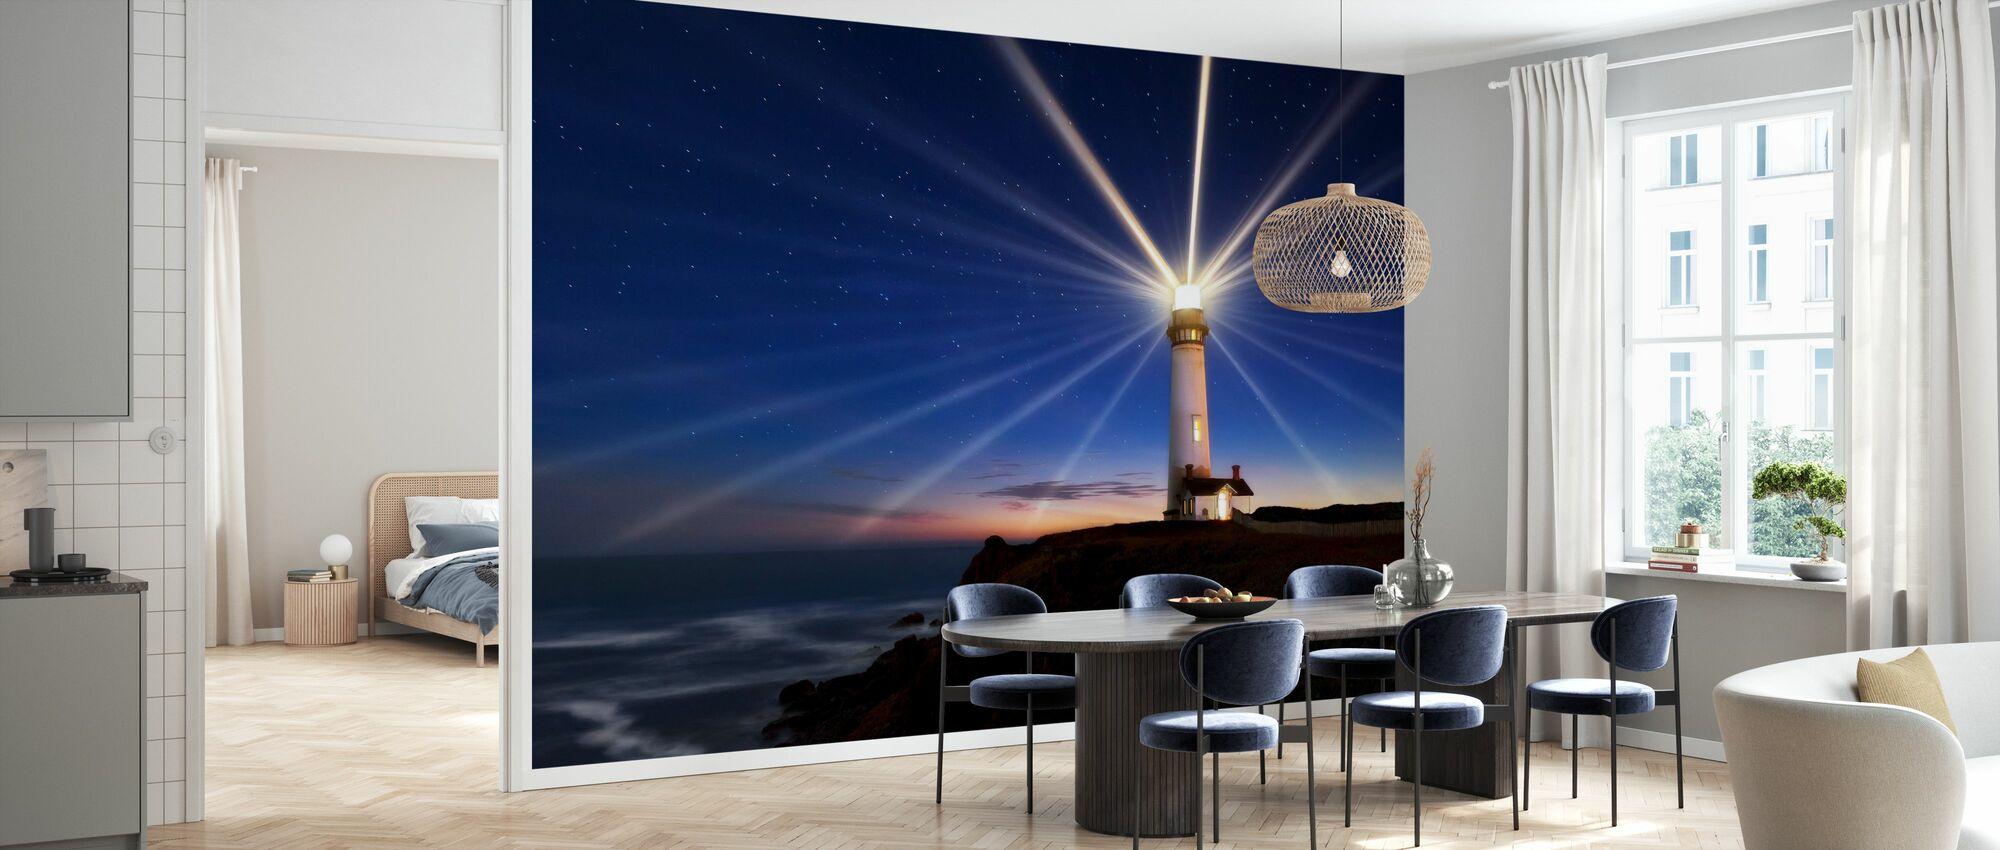 Lighting of the Lens - Wallpaper - Kitchen